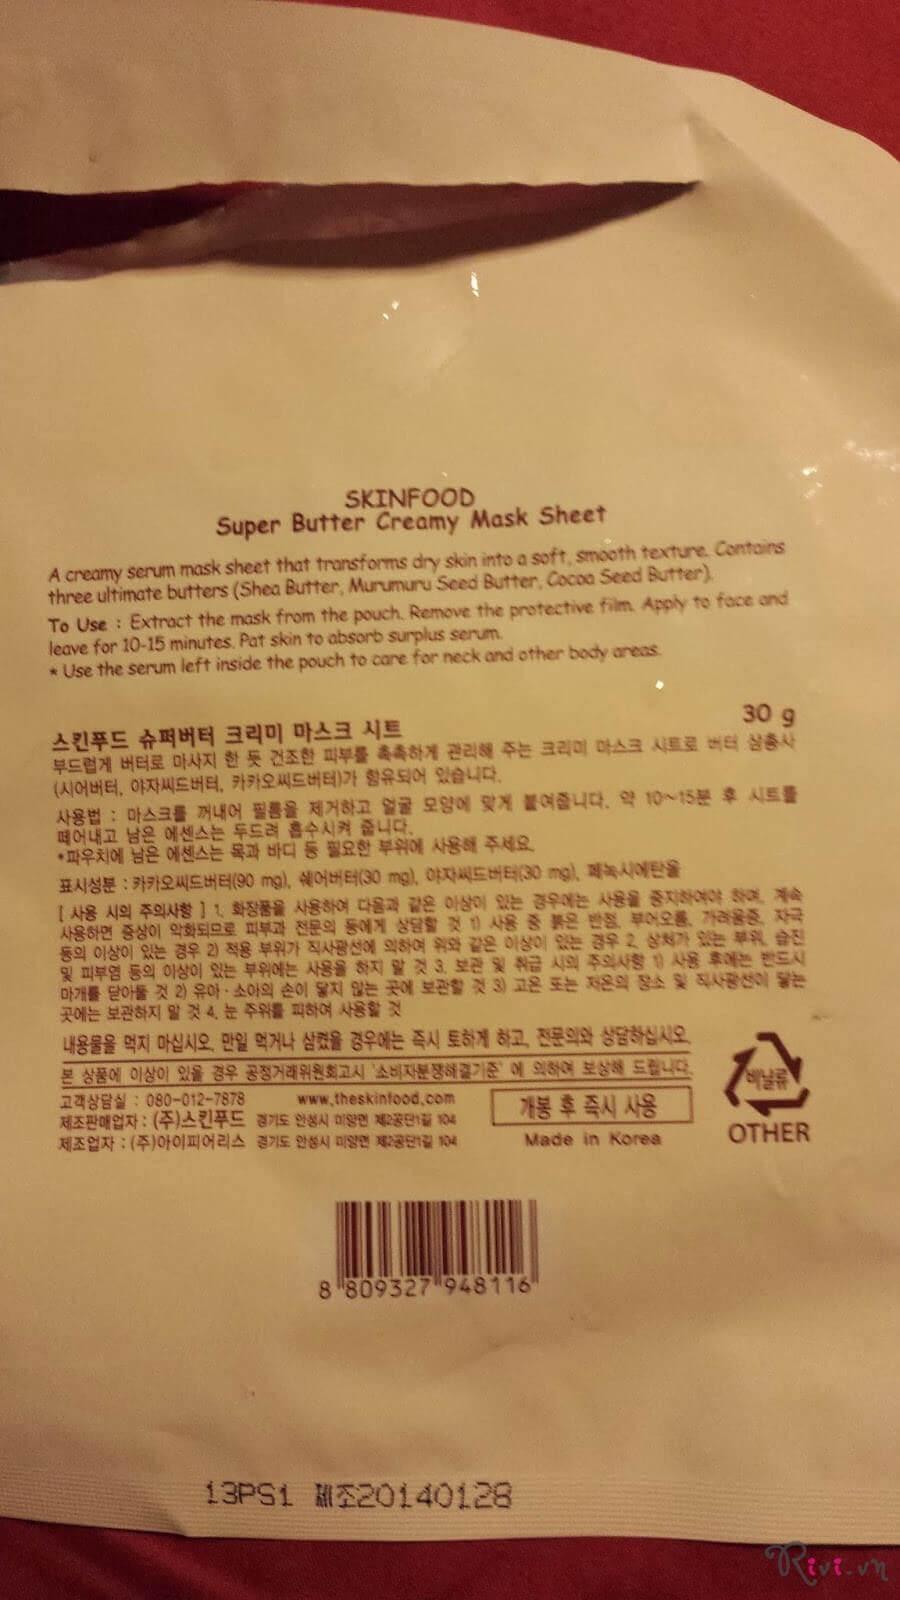 Mặt nạ SKINFOOD Mask SUPER BUTTER CREAMY MASK SHEET